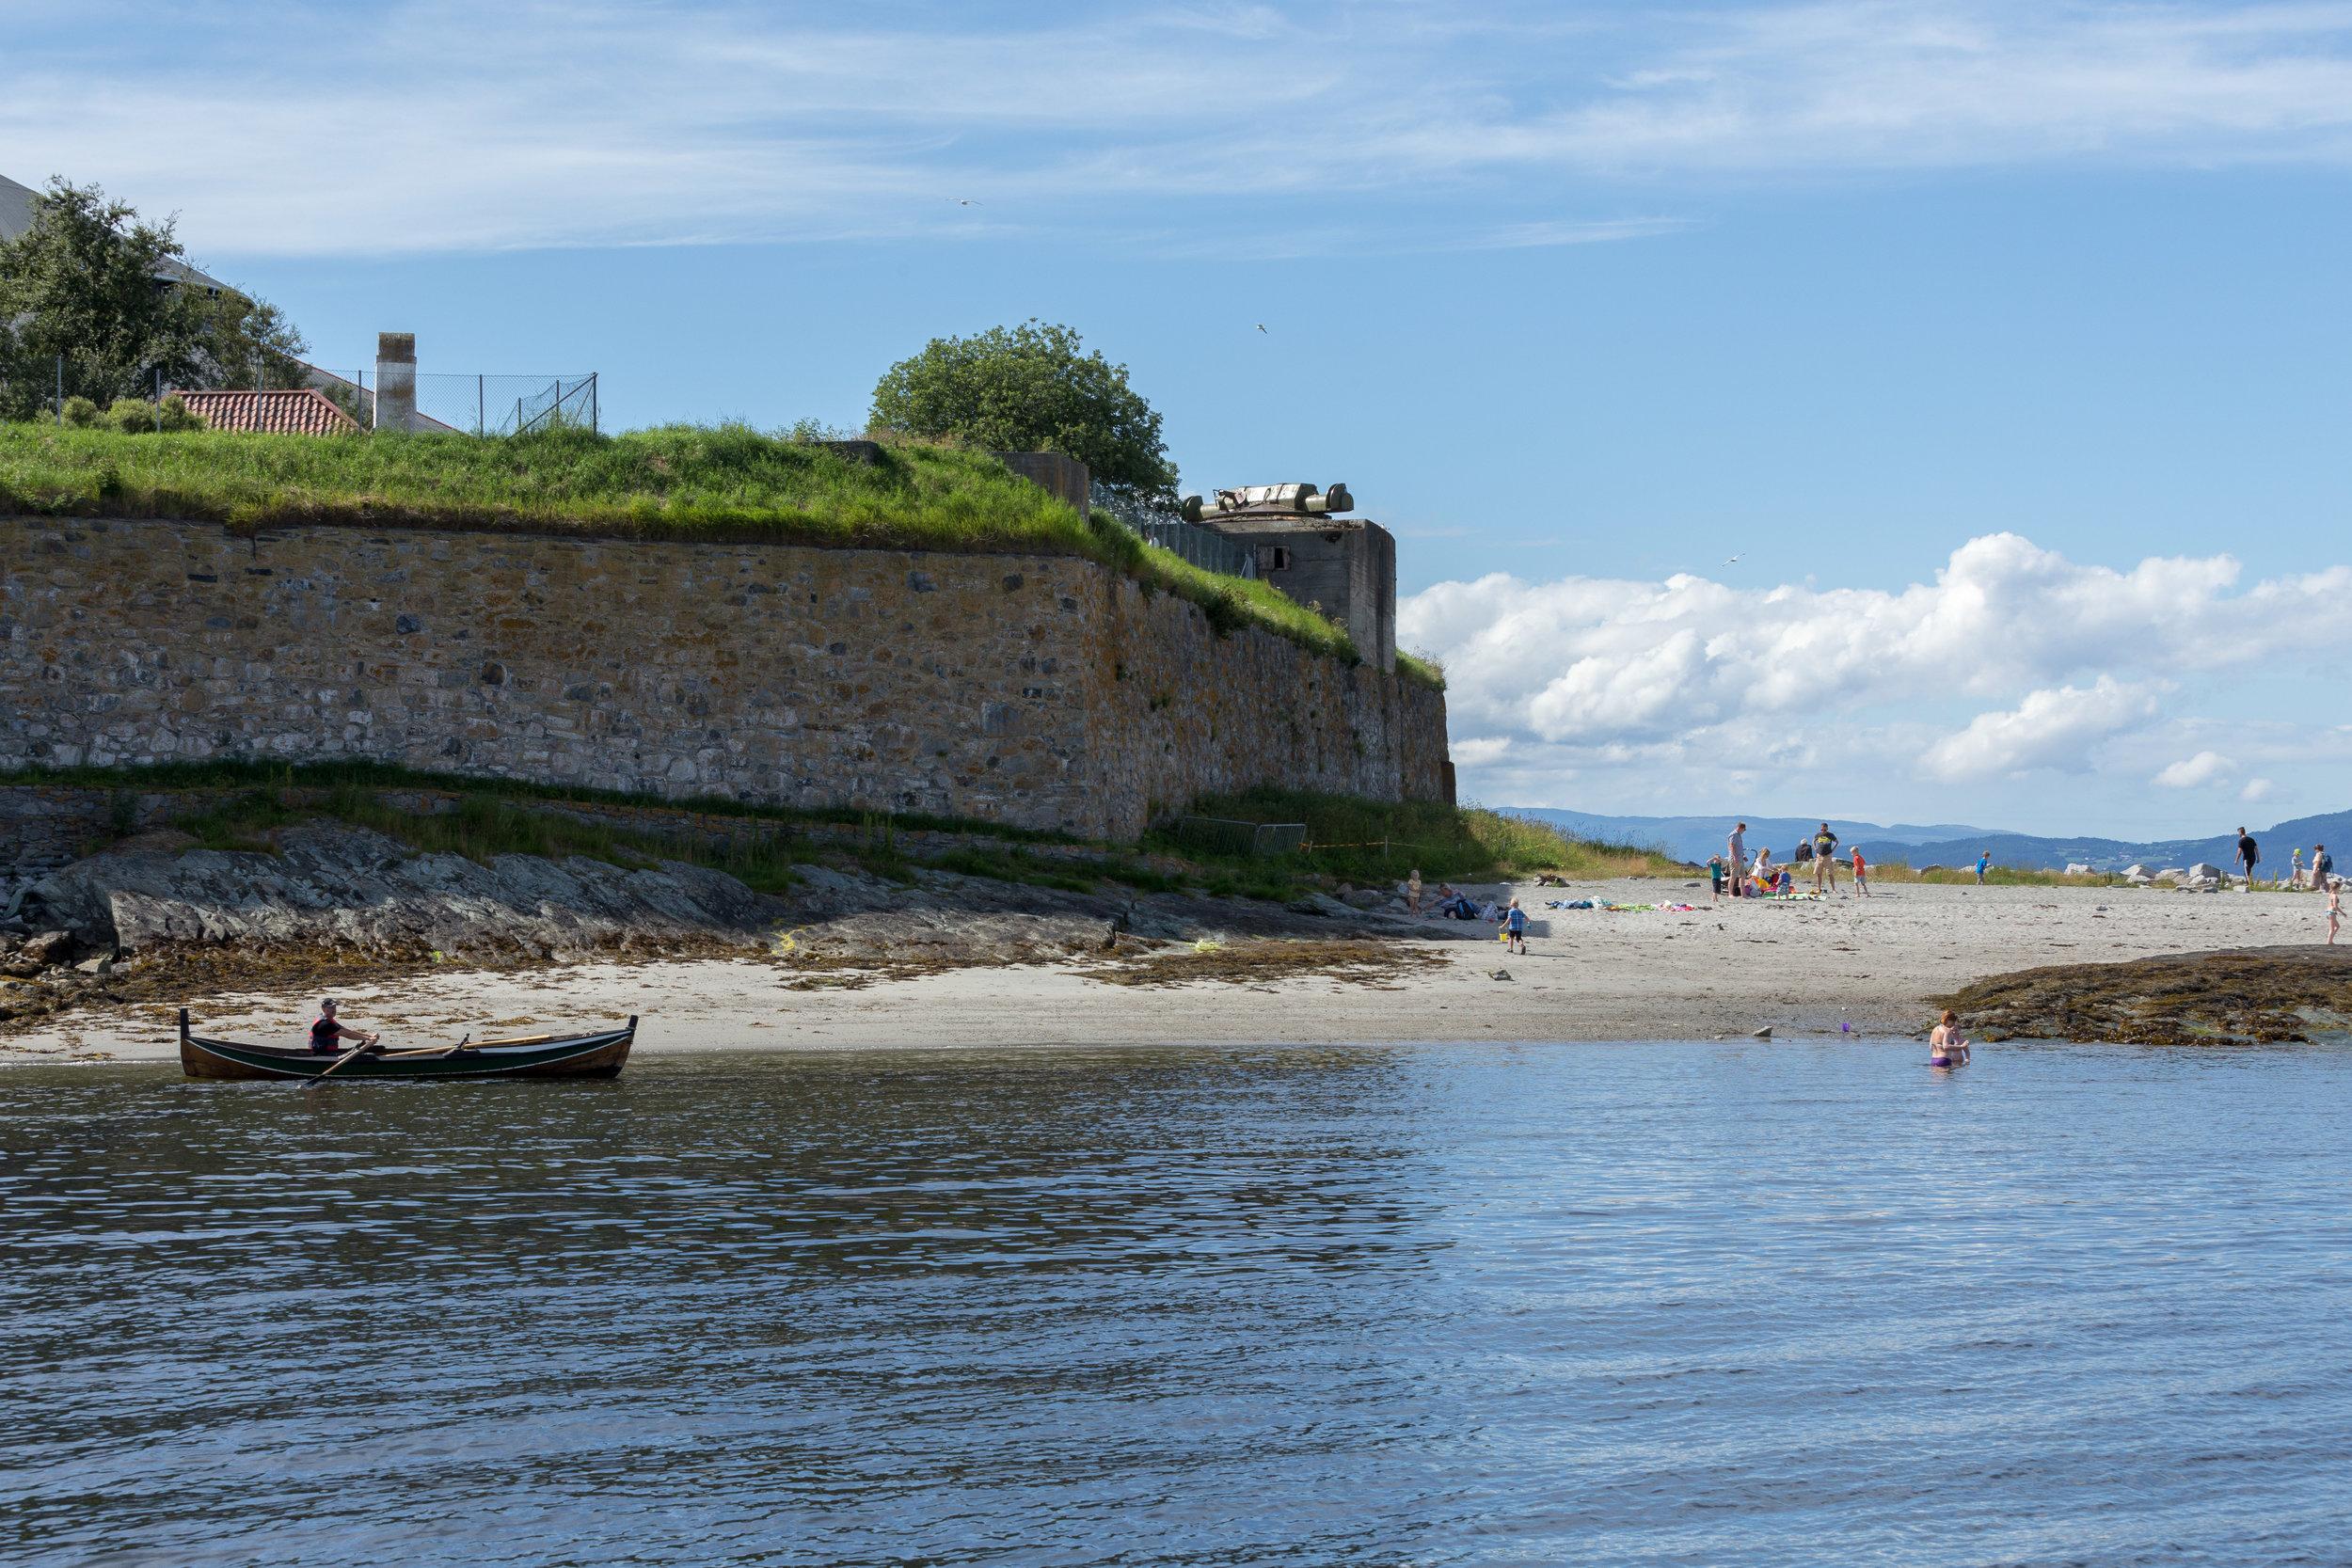 Tripps-båtservice-trondheim-norge-sightseeing-munkholmen-0921.jpg